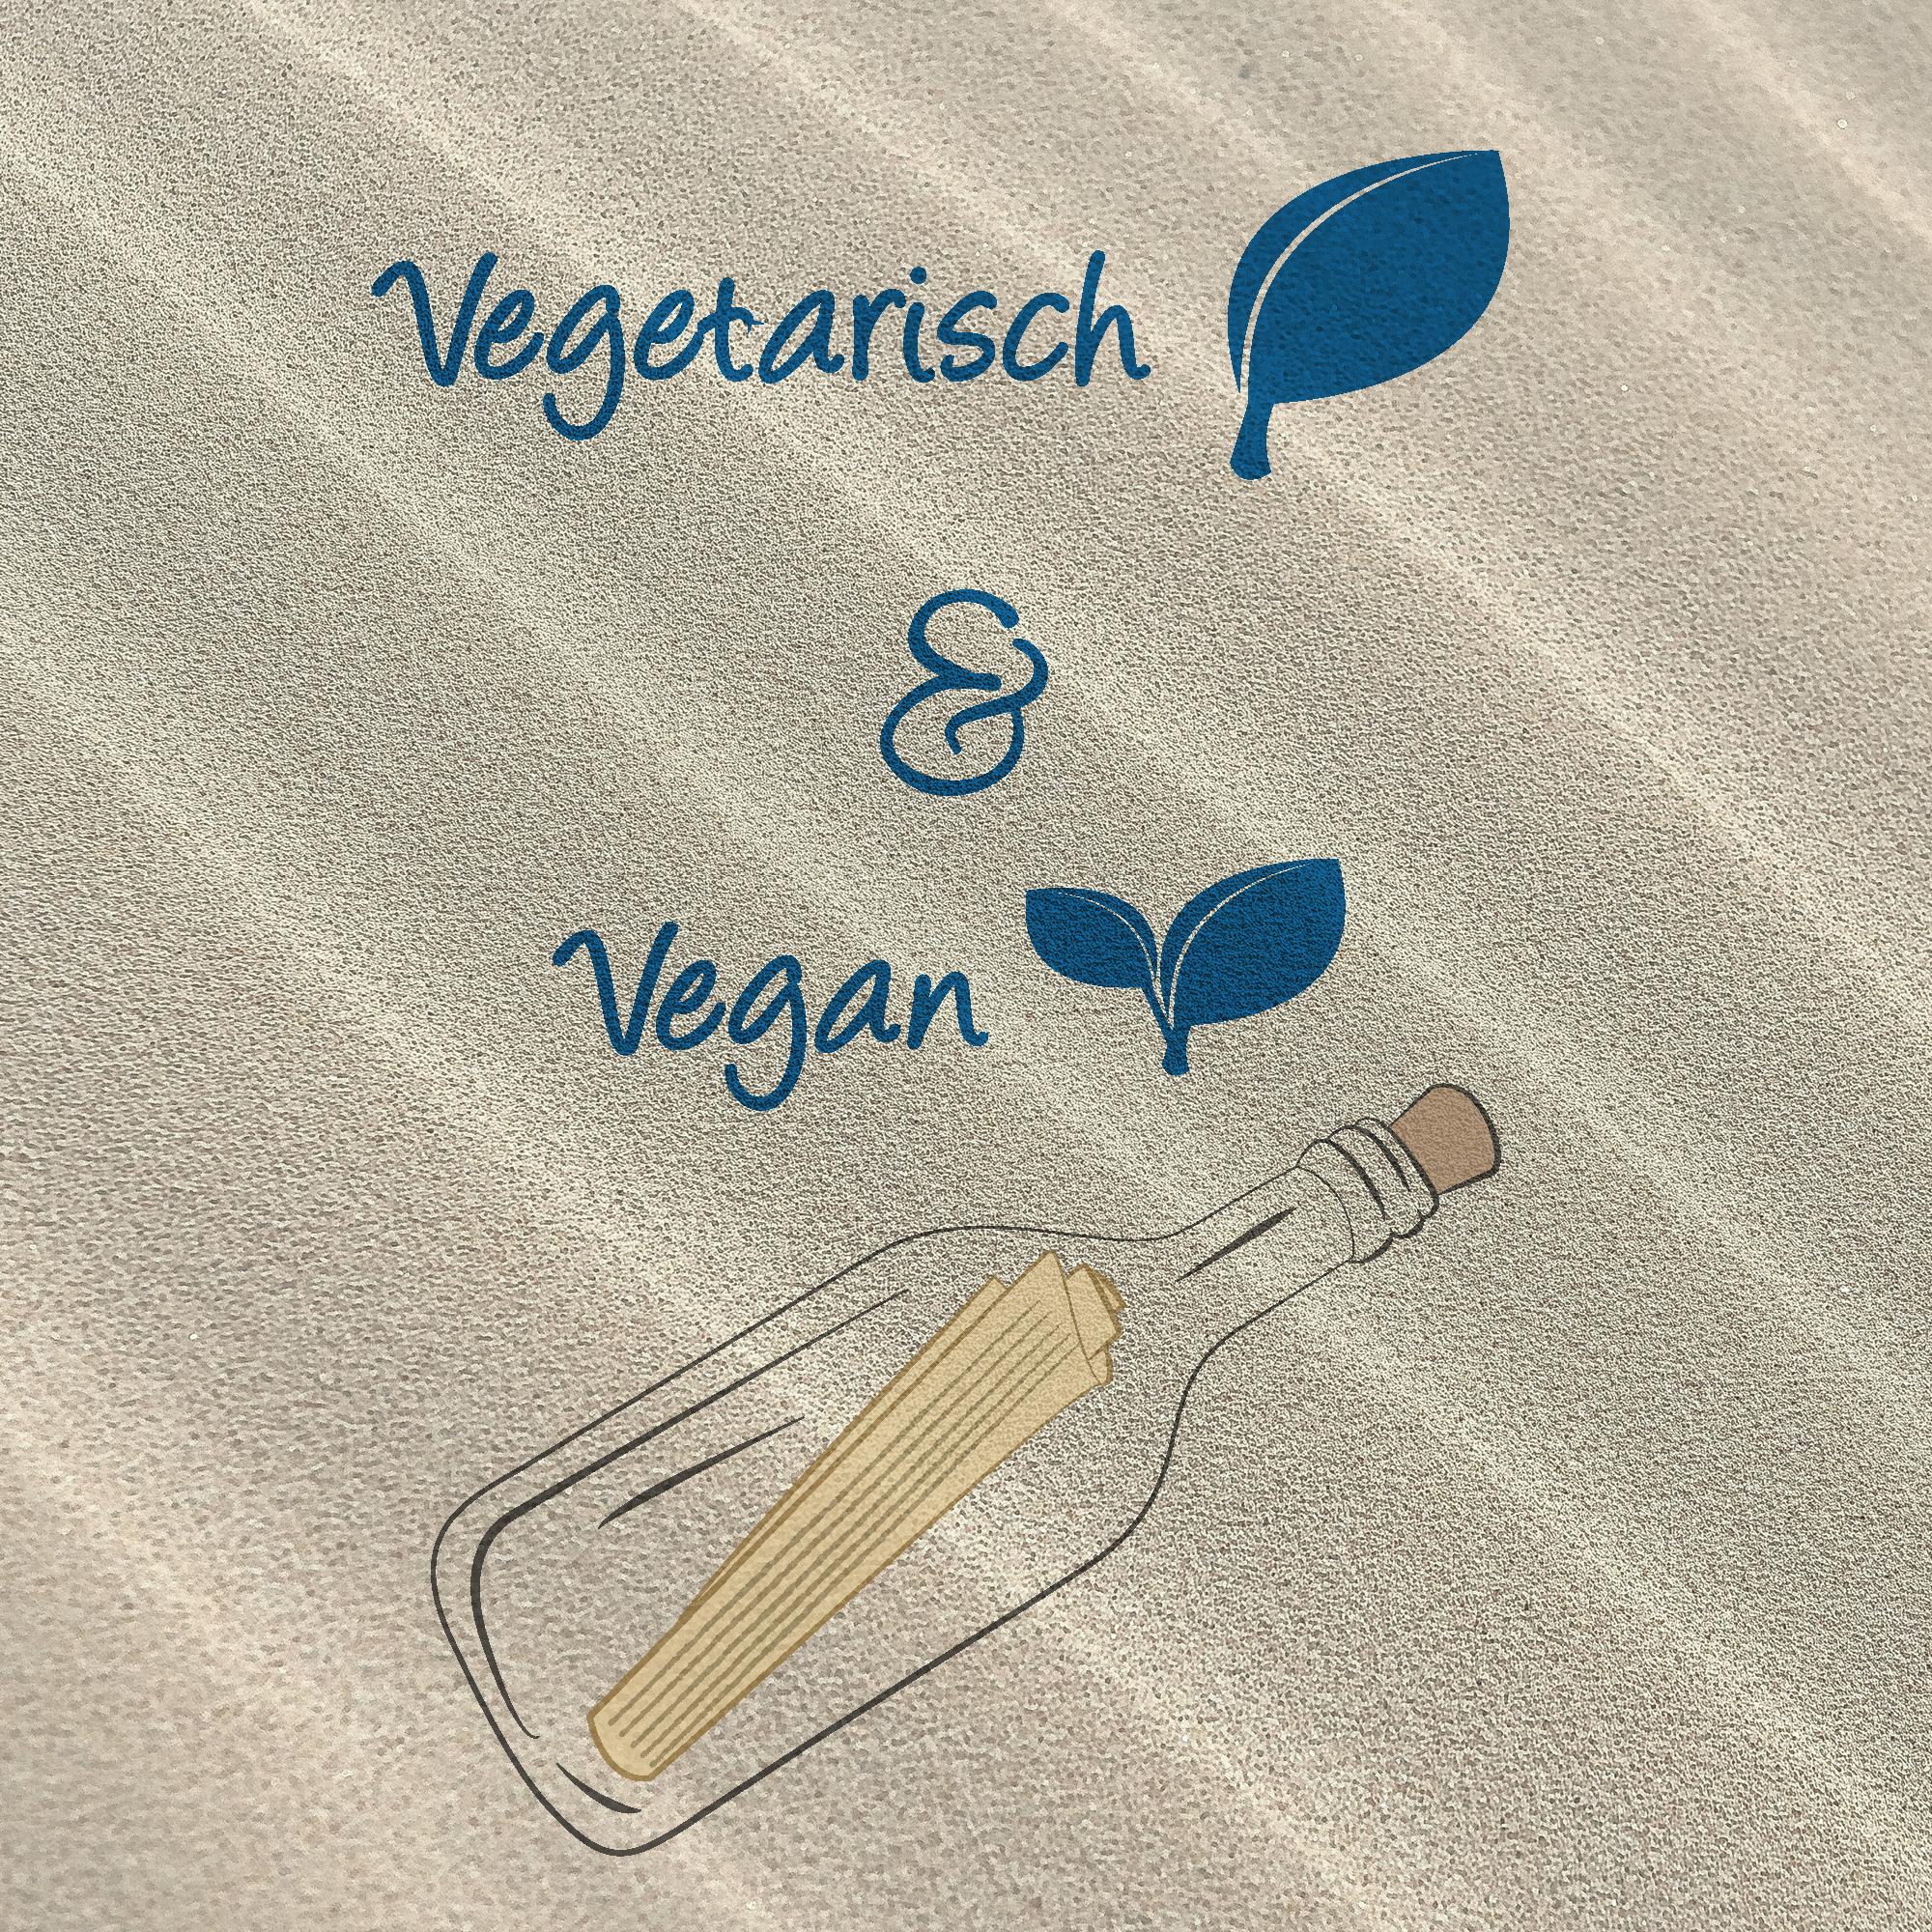 Leuchtturms Flaschenpost - vegetarisch und vegan